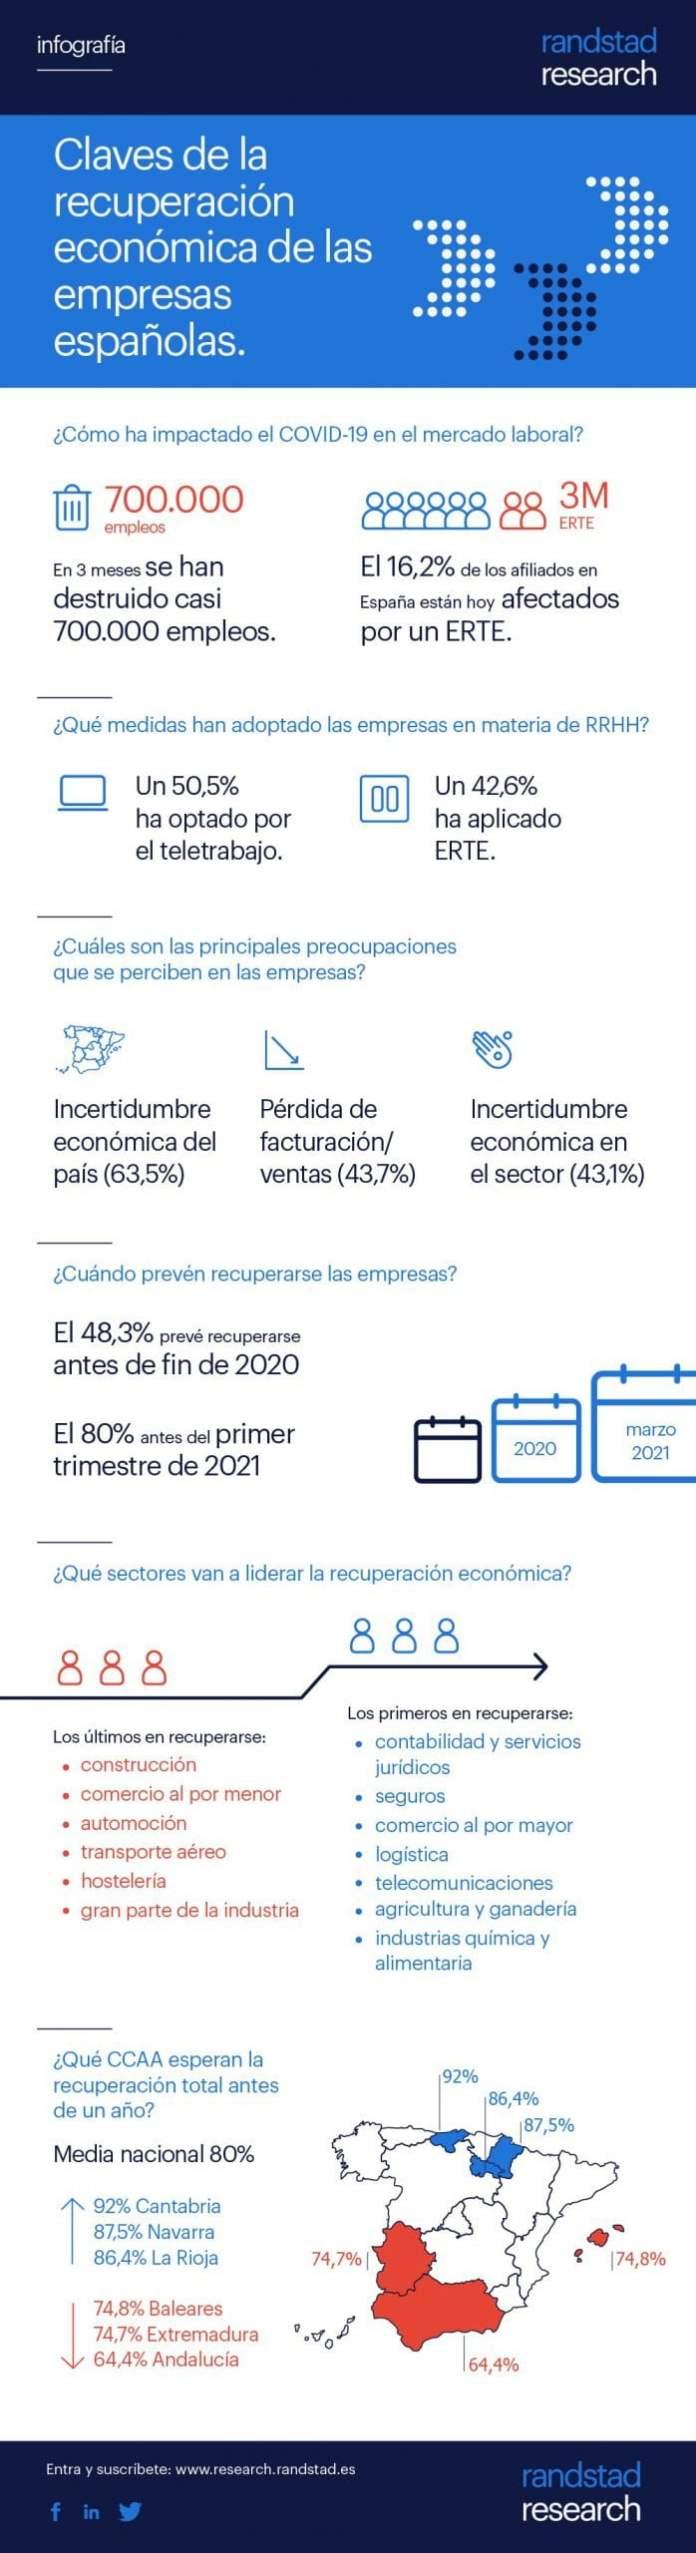 El 78% de los empresarios madrileños confía en recuperarse antes de junio de 2021 1